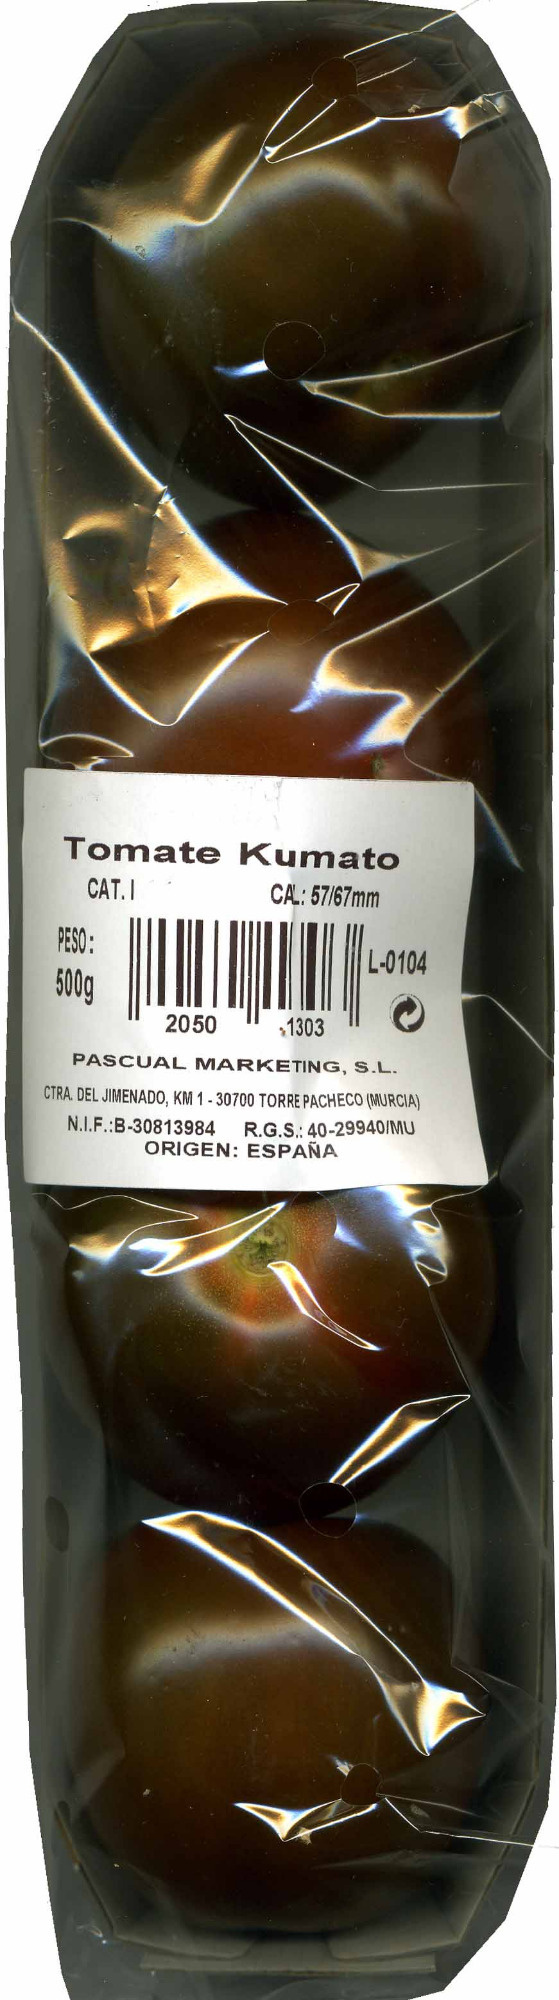 Tomates Kumato - Producto - es